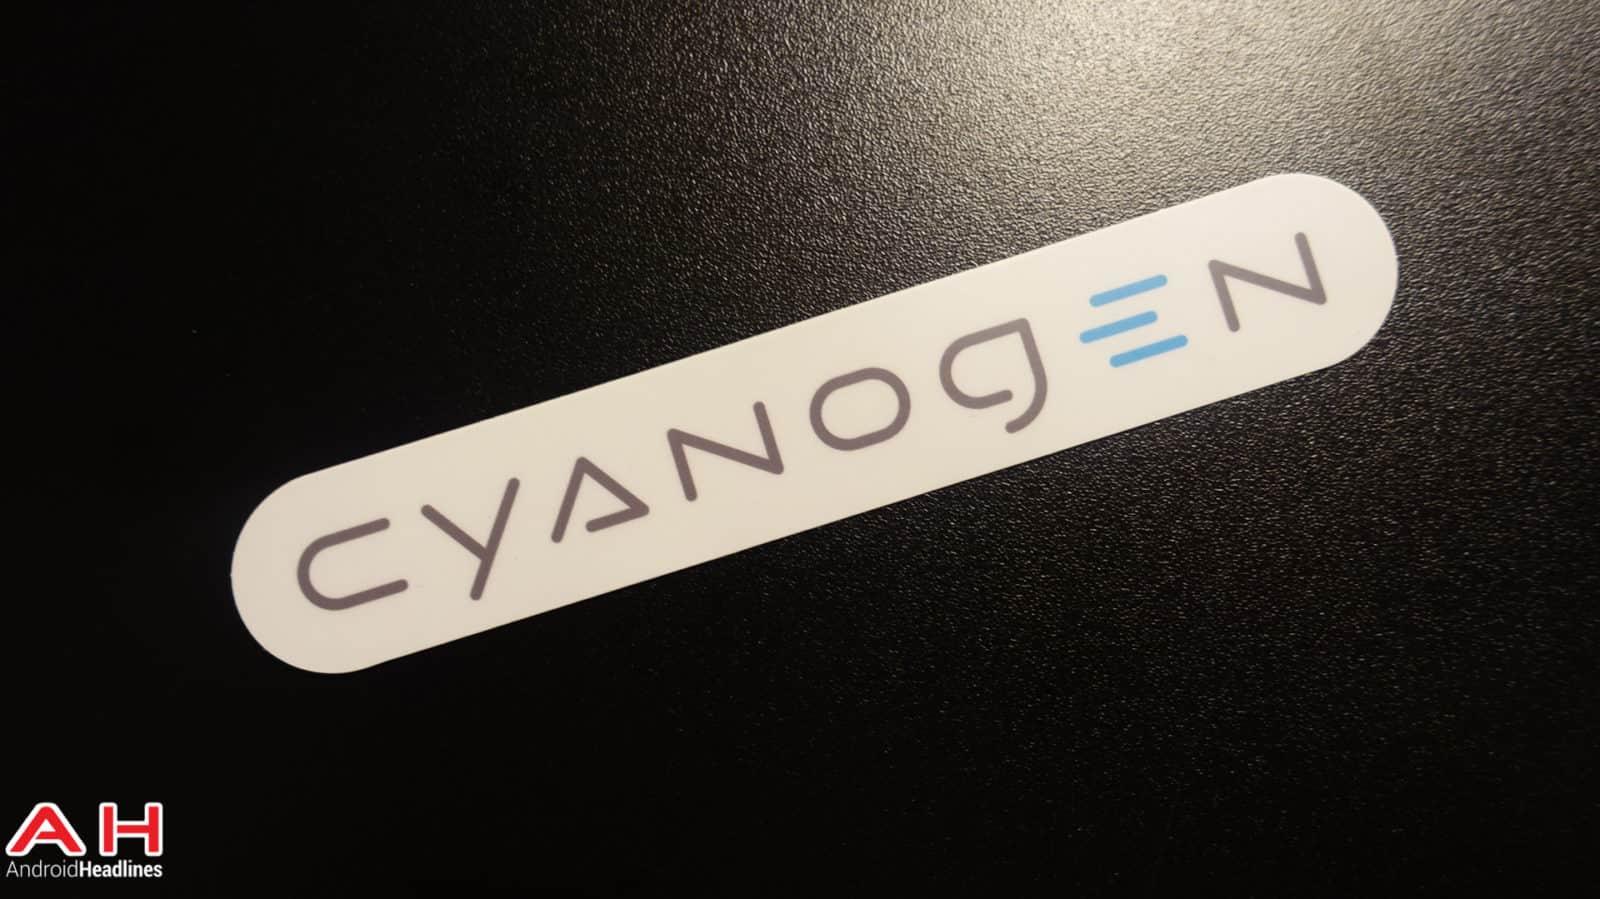 Cyanogen-Logo-AH3